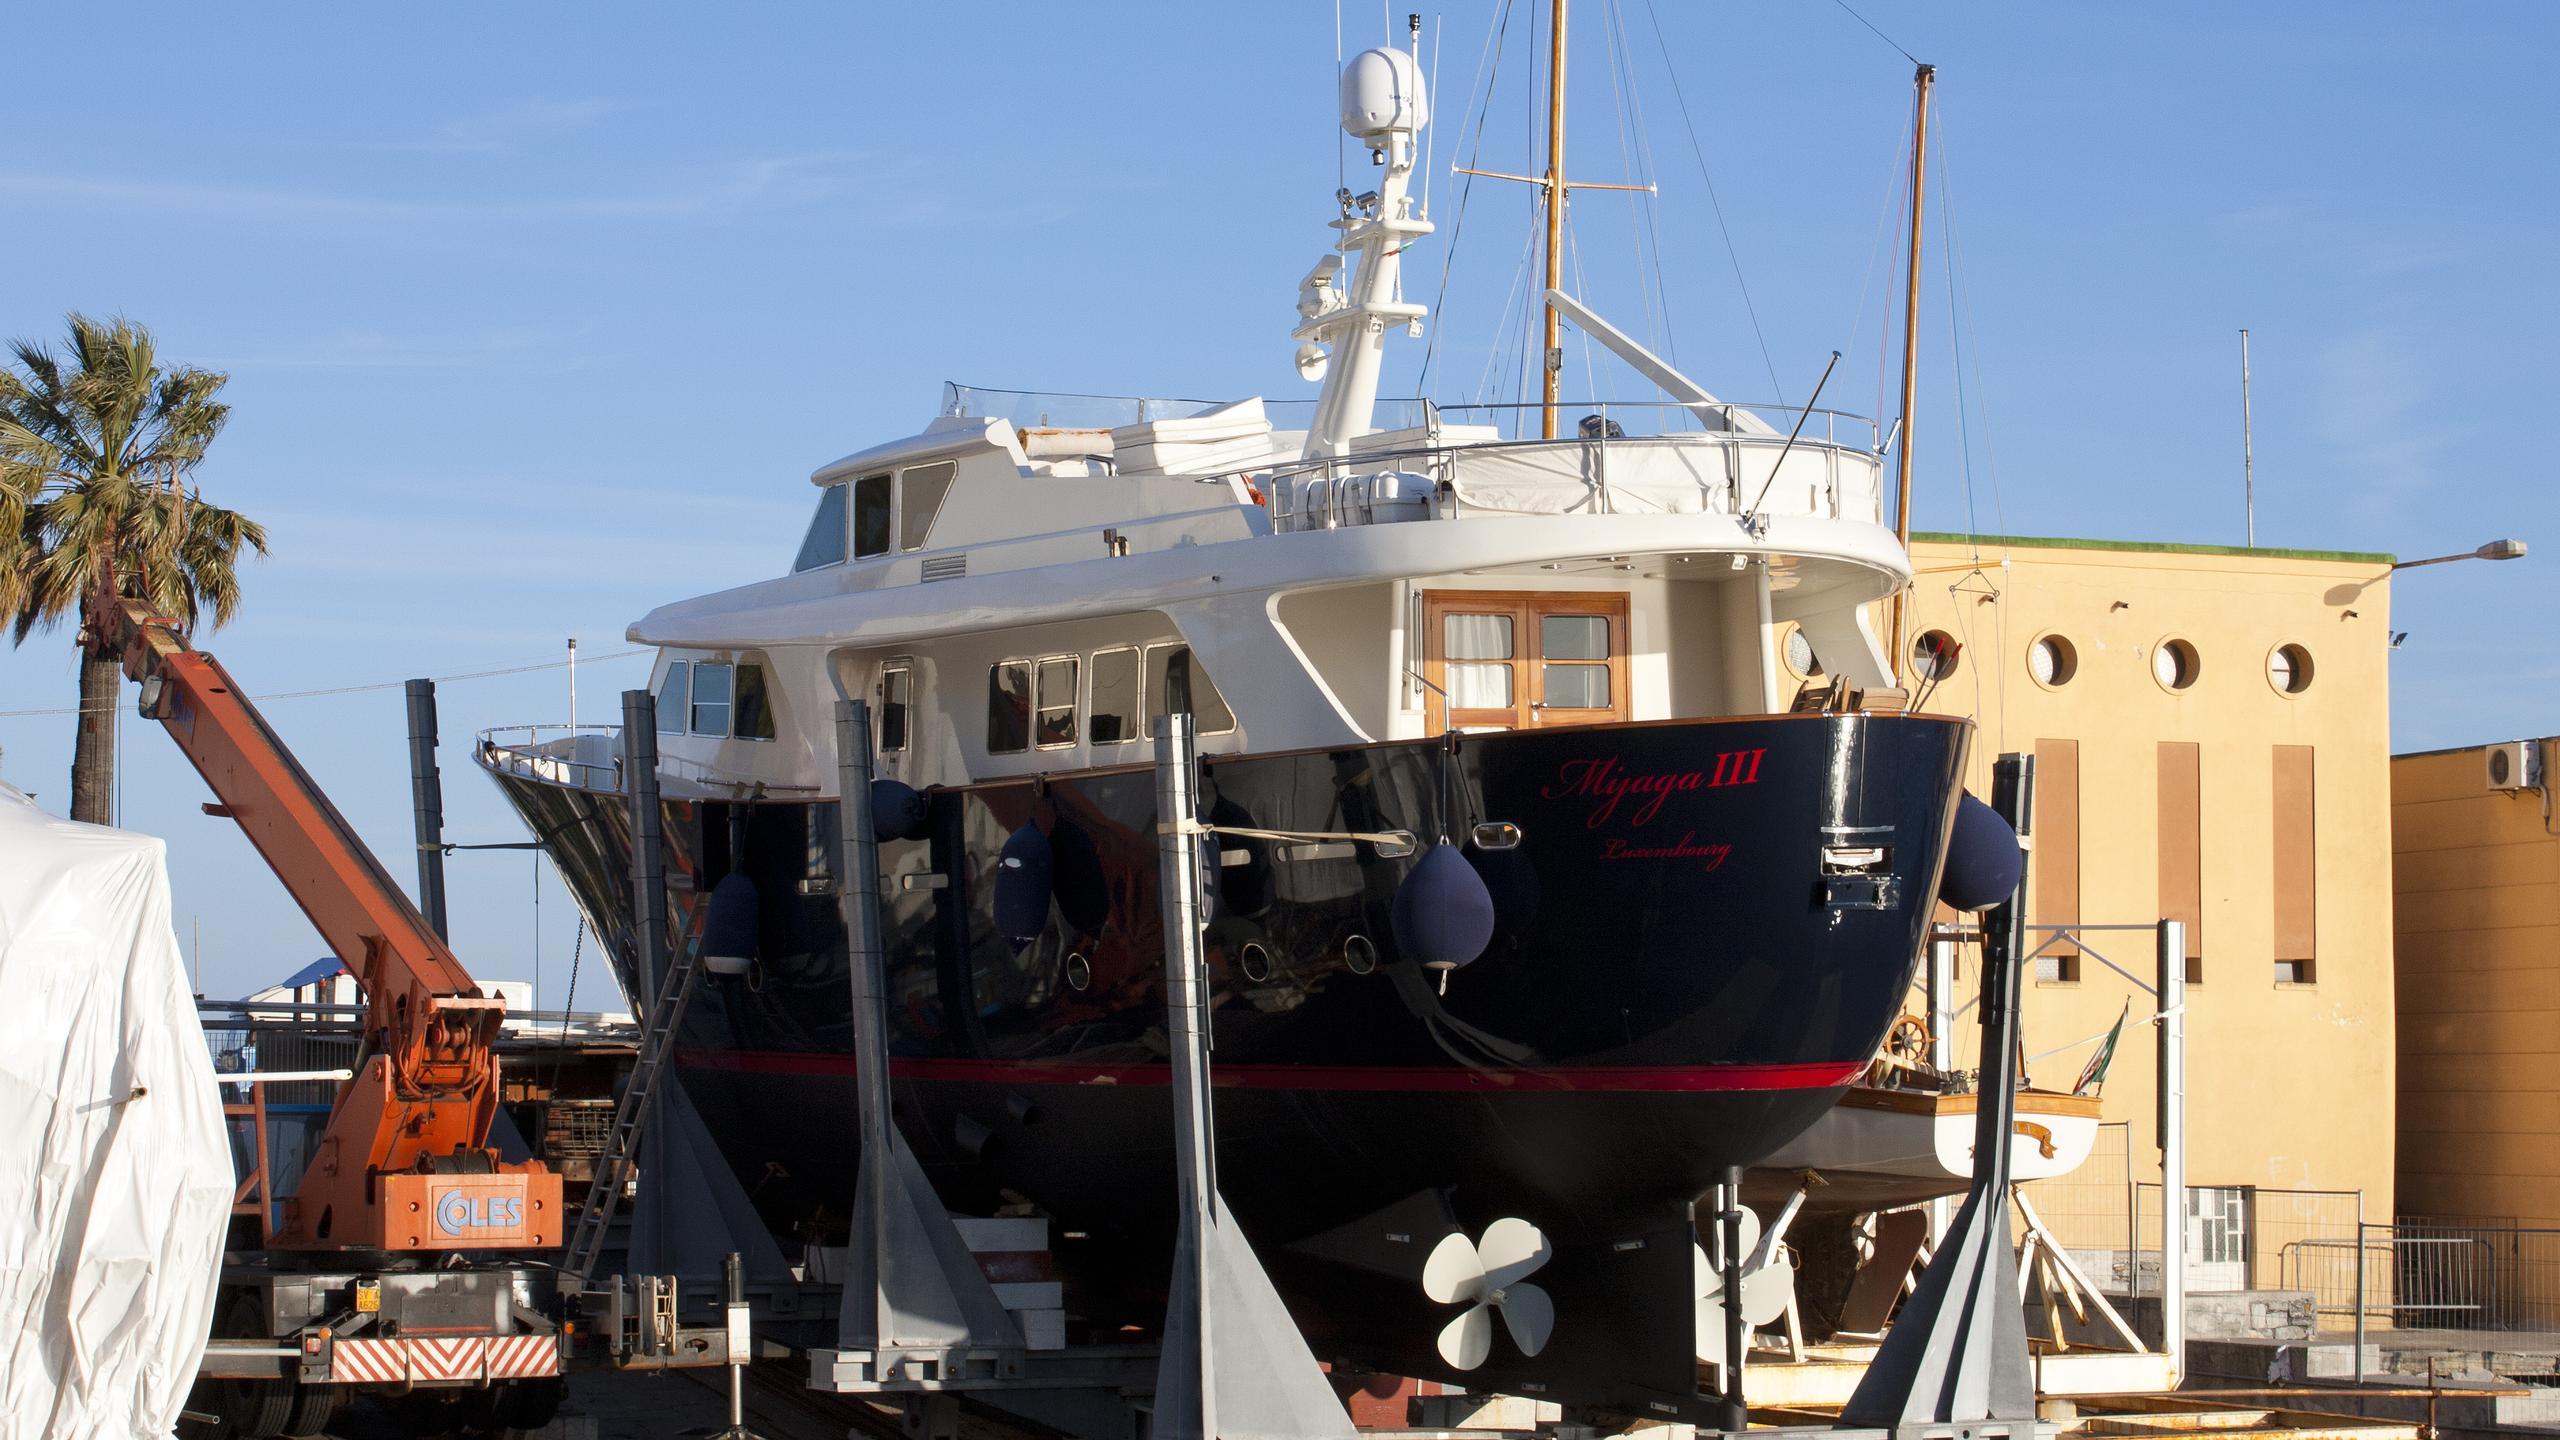 mijaga-iii-motoryacht-benetti-sd-benship-24-2001-24m-stern-shipyard